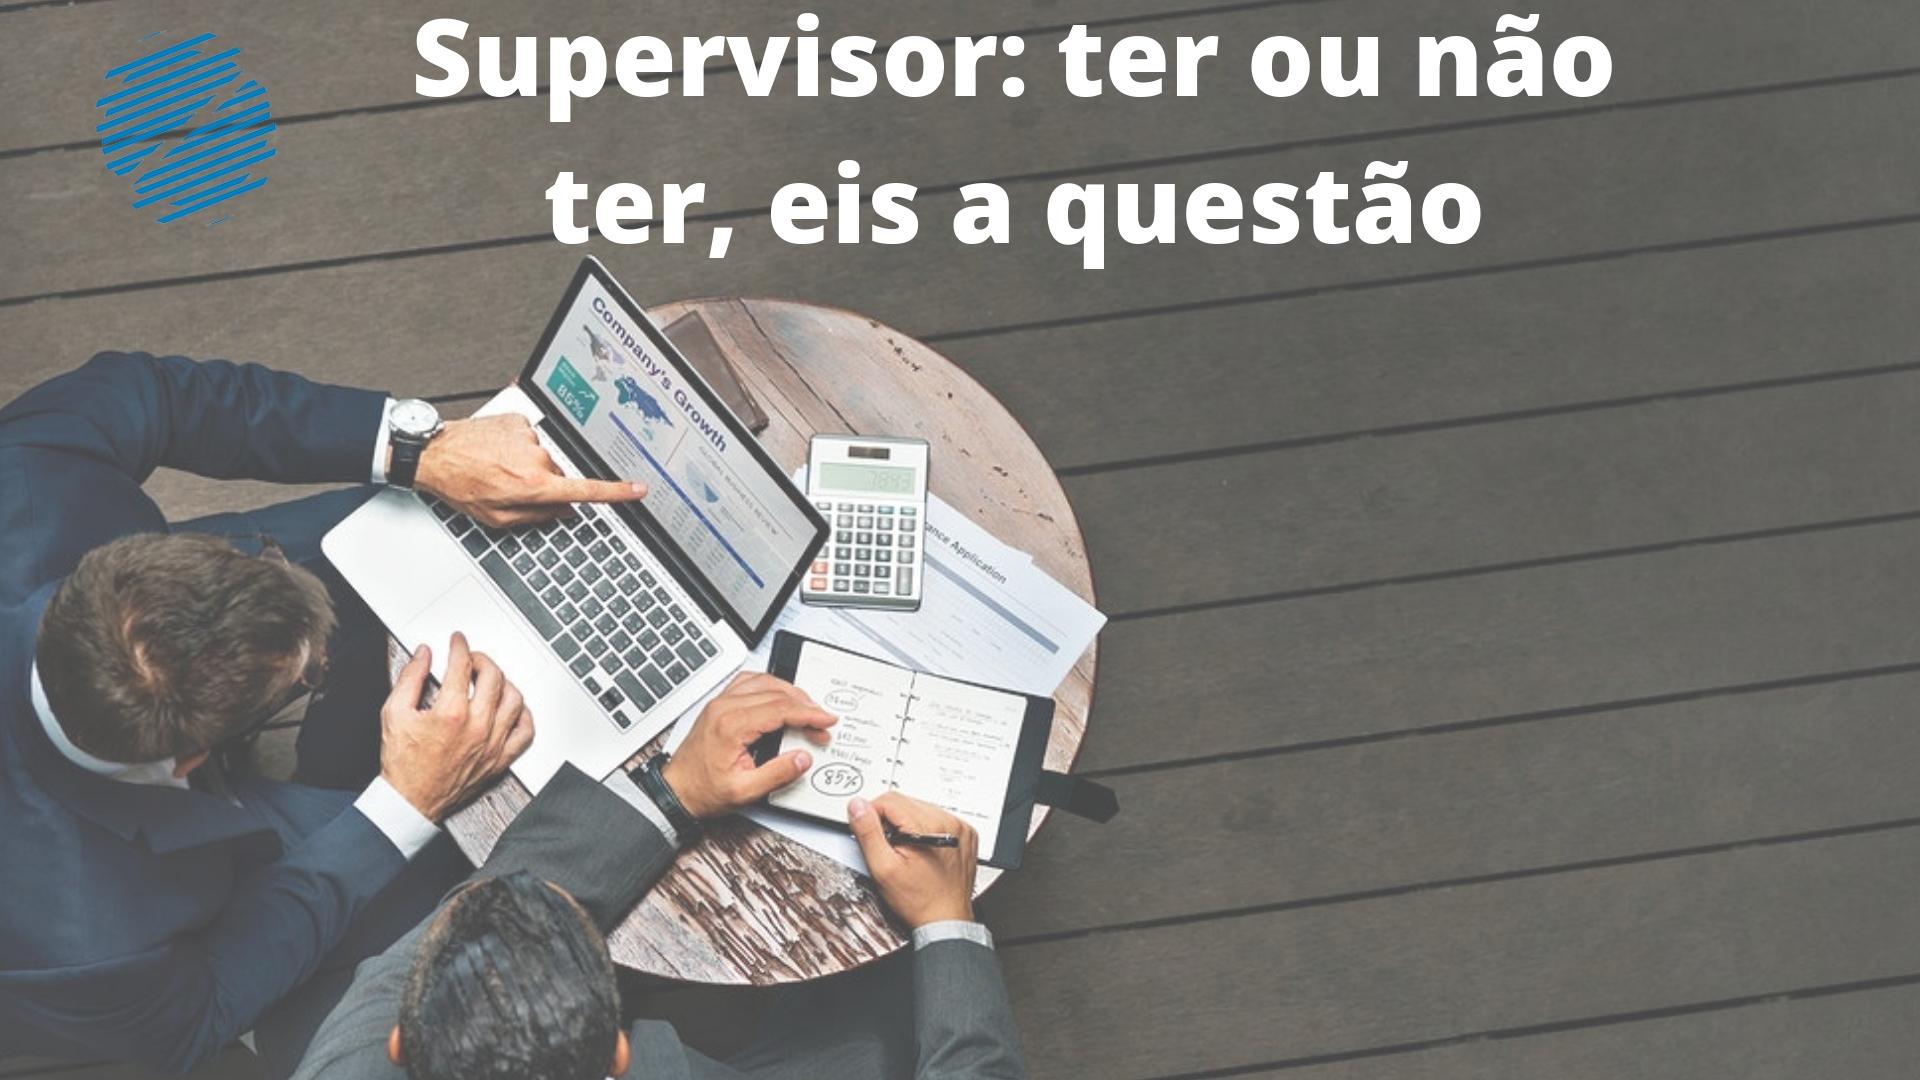 Supervisores: Ter ou não ter, eis a questão